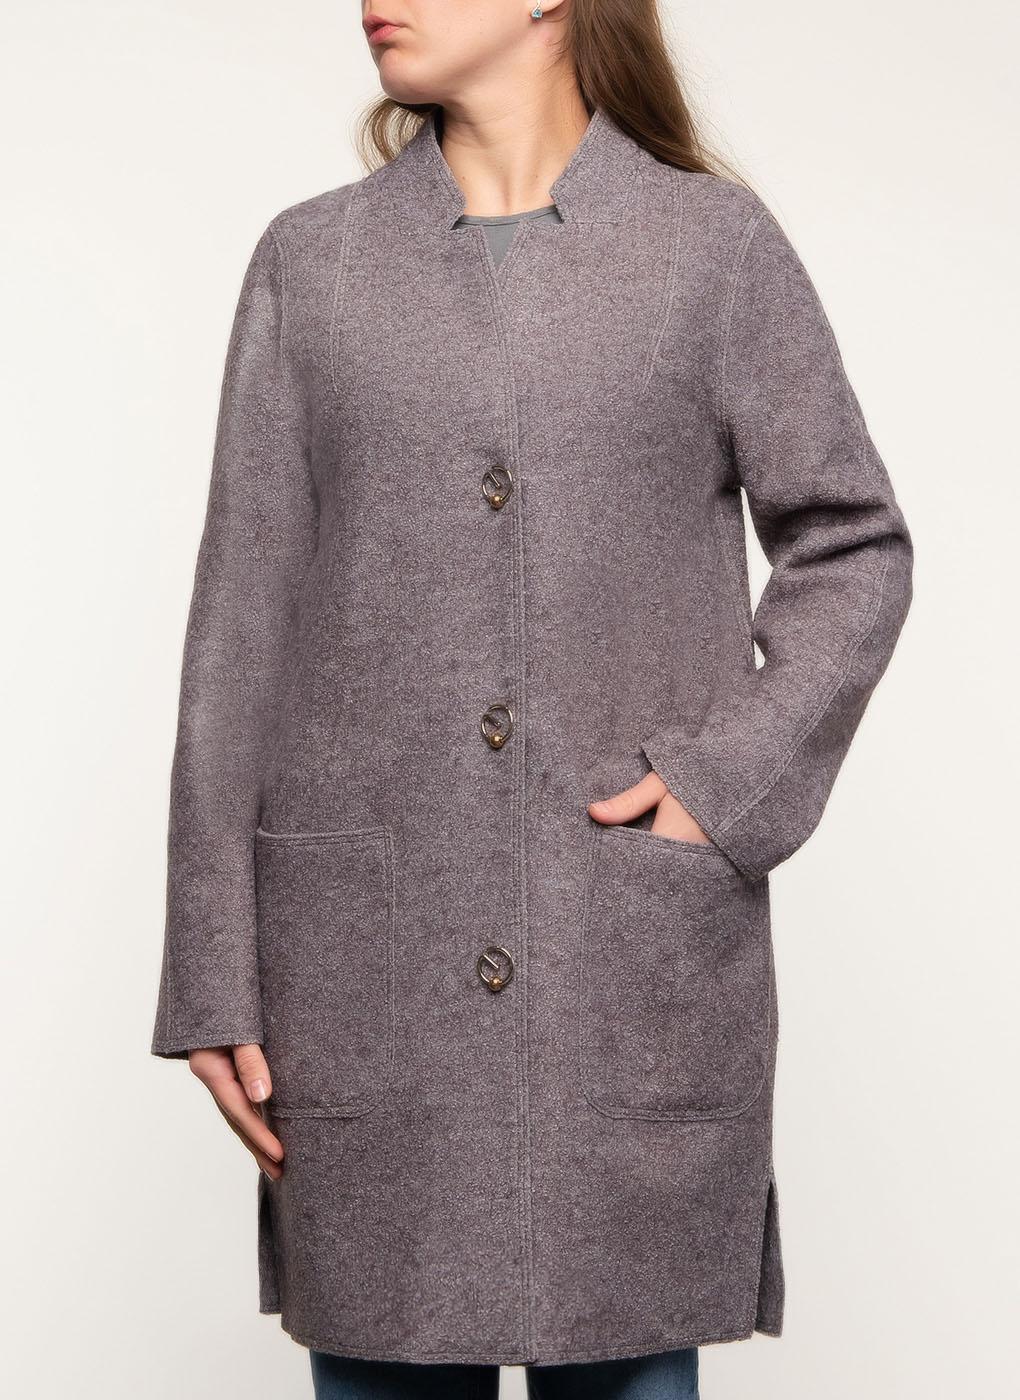 Пальто без подкладки полушерстяное 188, КАЛЯЕВ фото